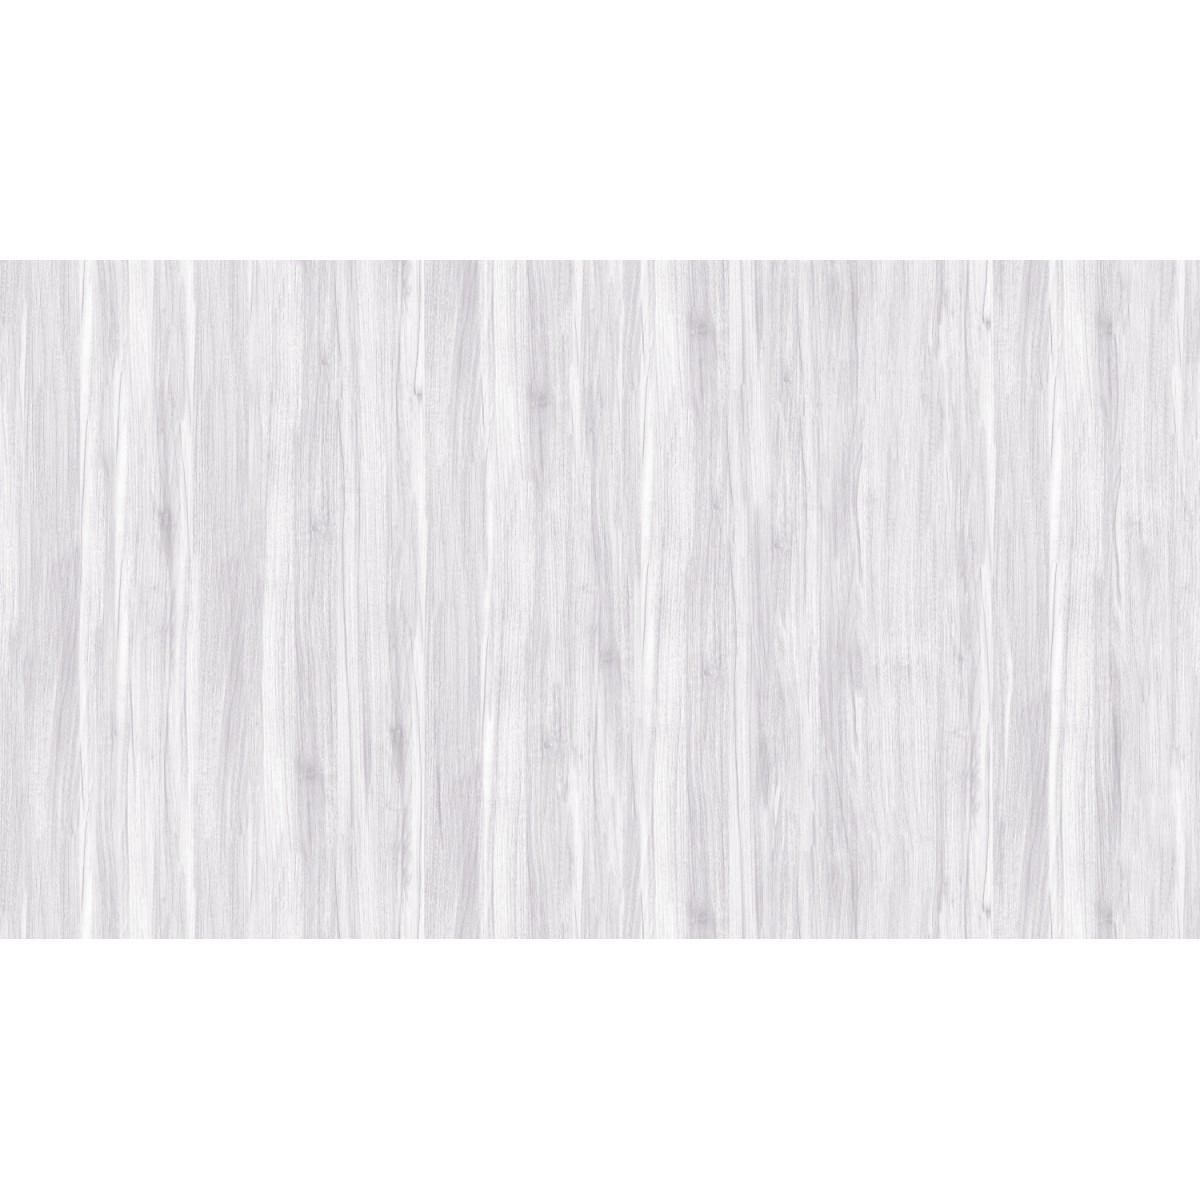 Обои виниловые Shinhan Wallcoverings серые 1.06 м 88339-1